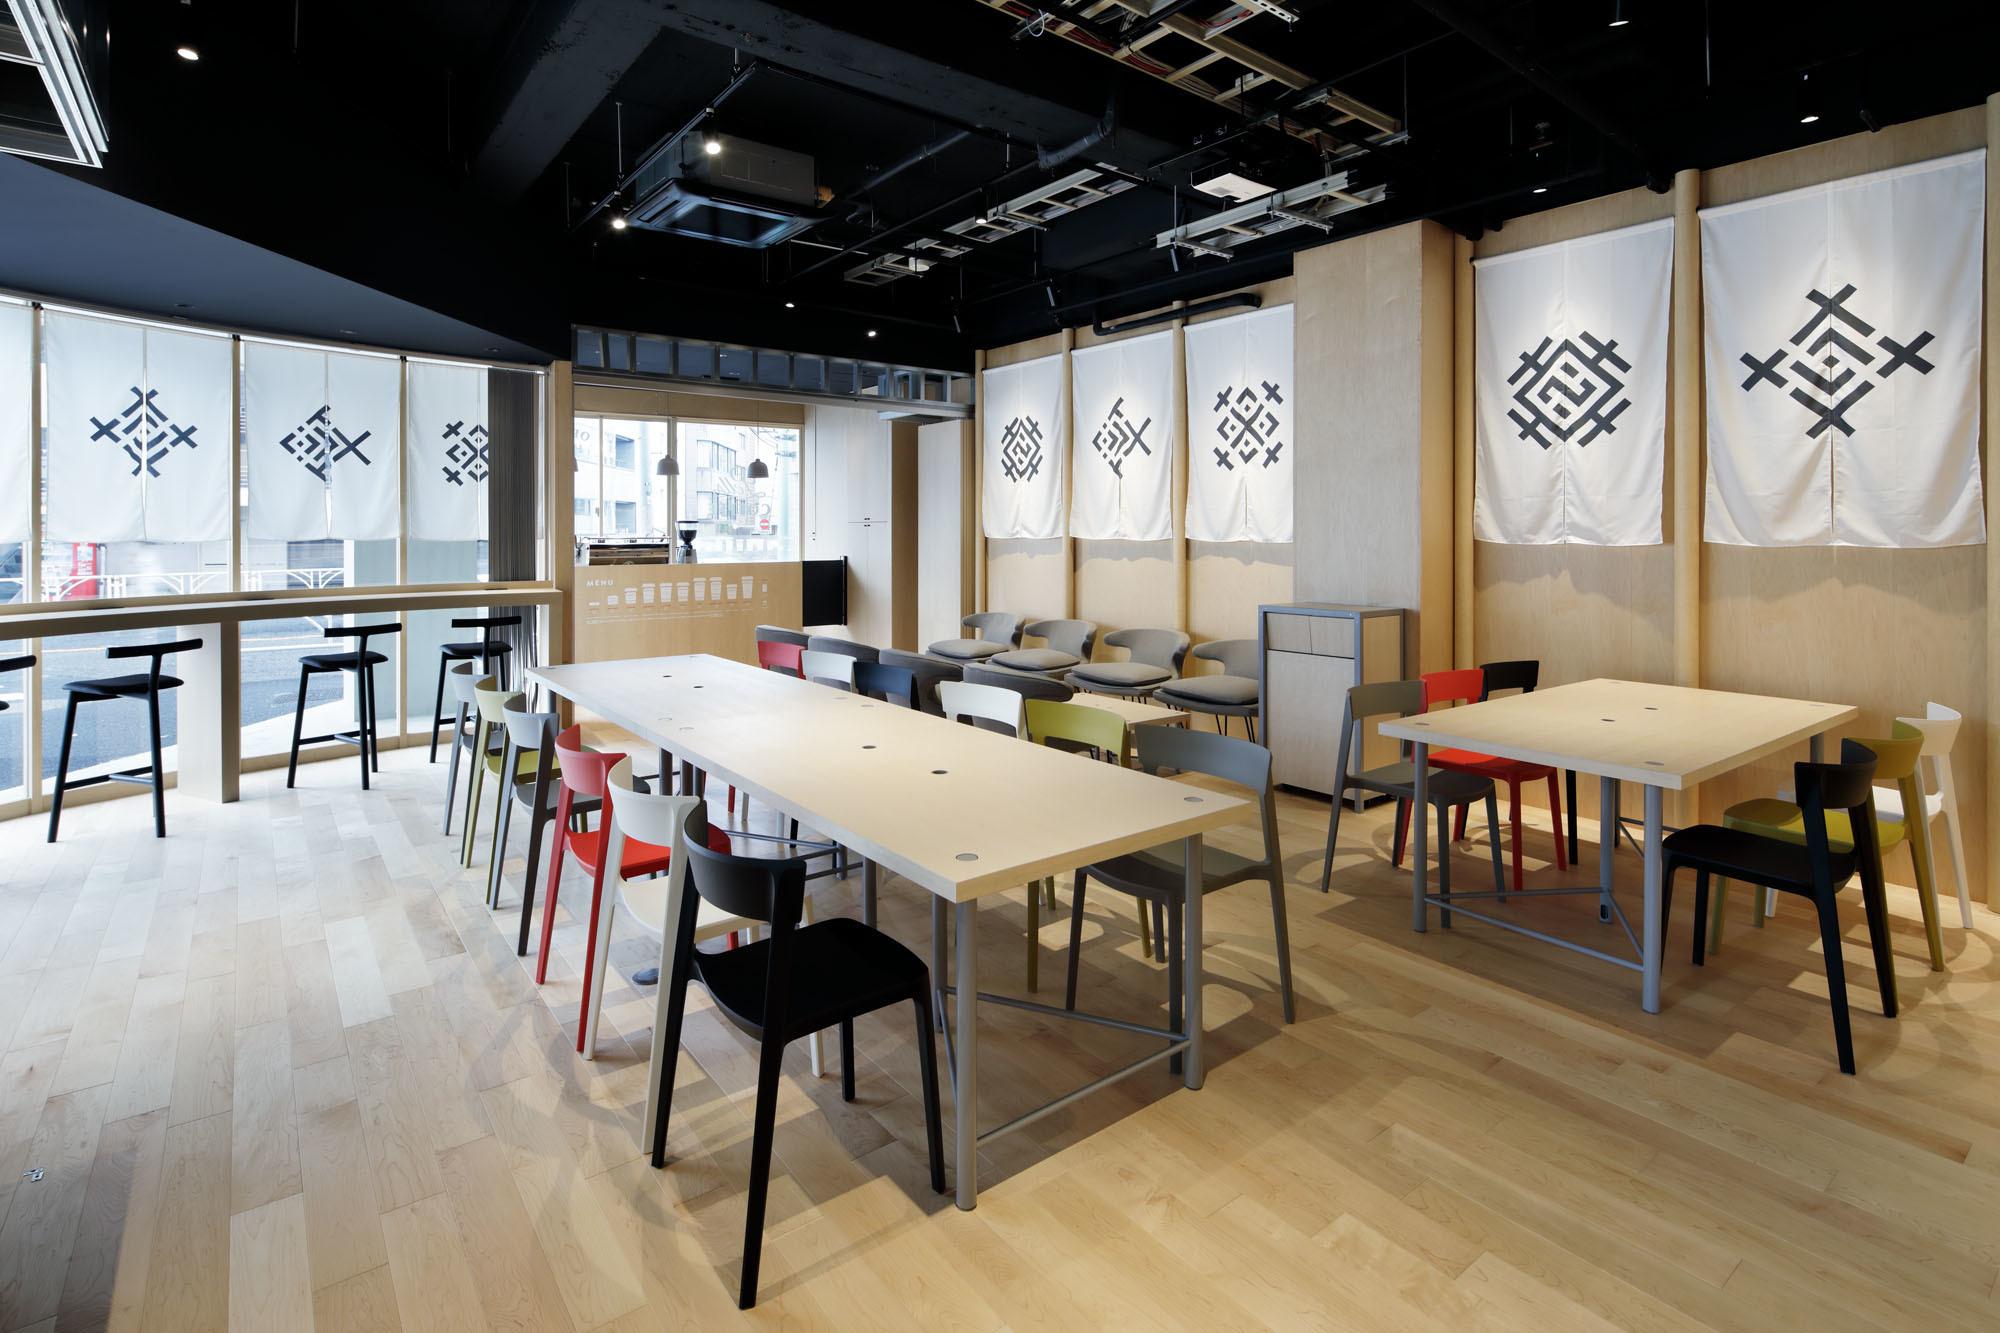 COHSA SHIBUYA 多目的スペース(1階貸切)の室内の写真